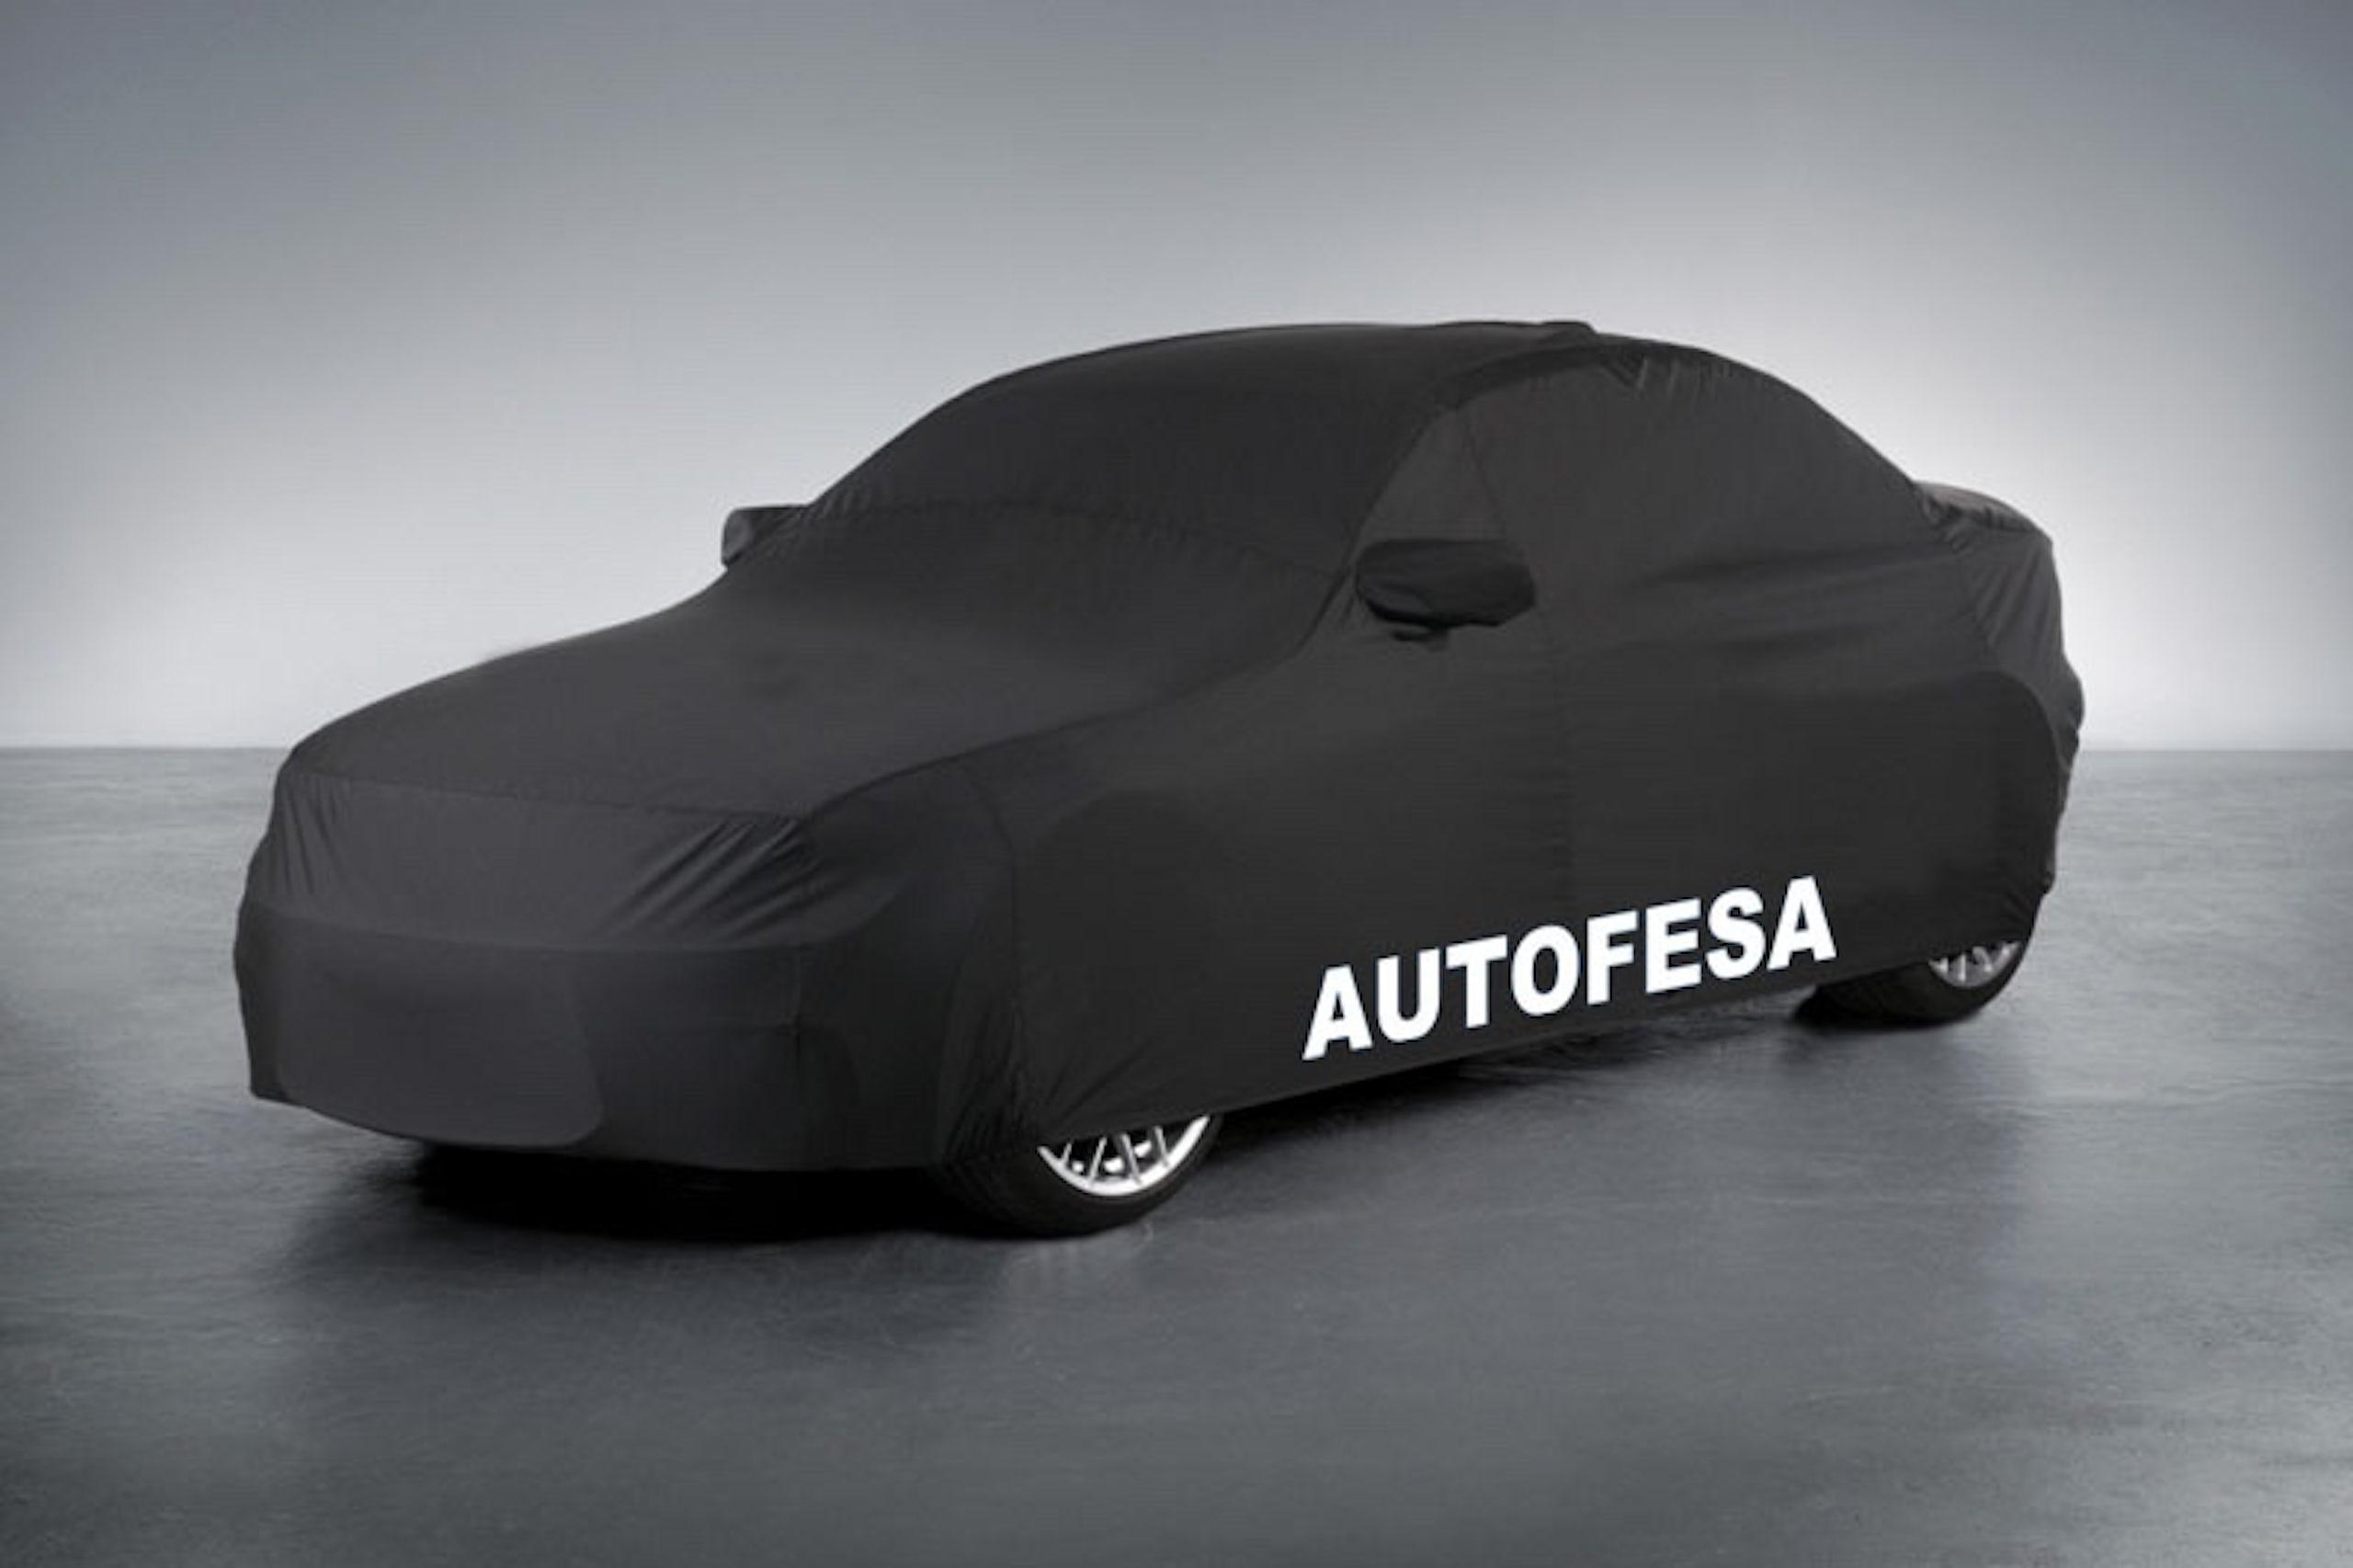 Audi A6 3.0 TDI AVANT 272cv quattro 4p S tronic Auto S/S - Foto 10